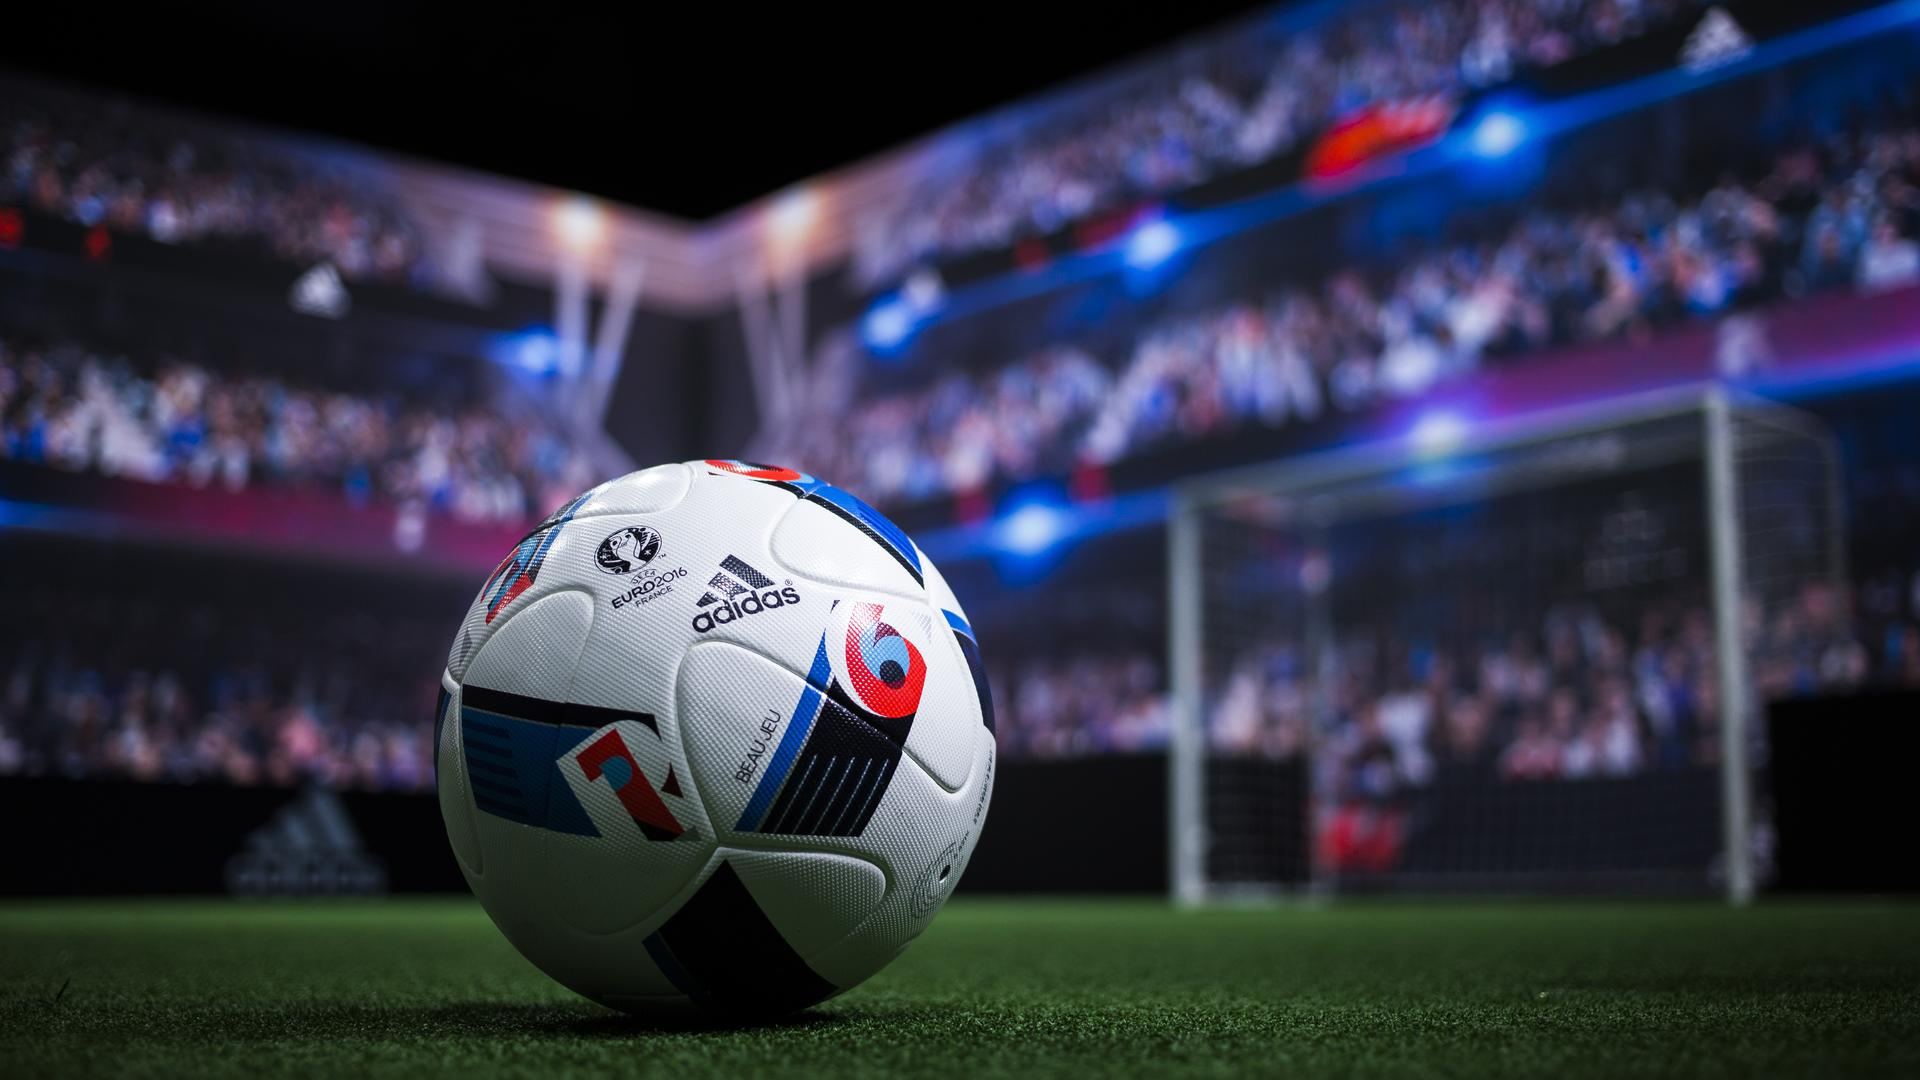 adidas futbol wallpaper